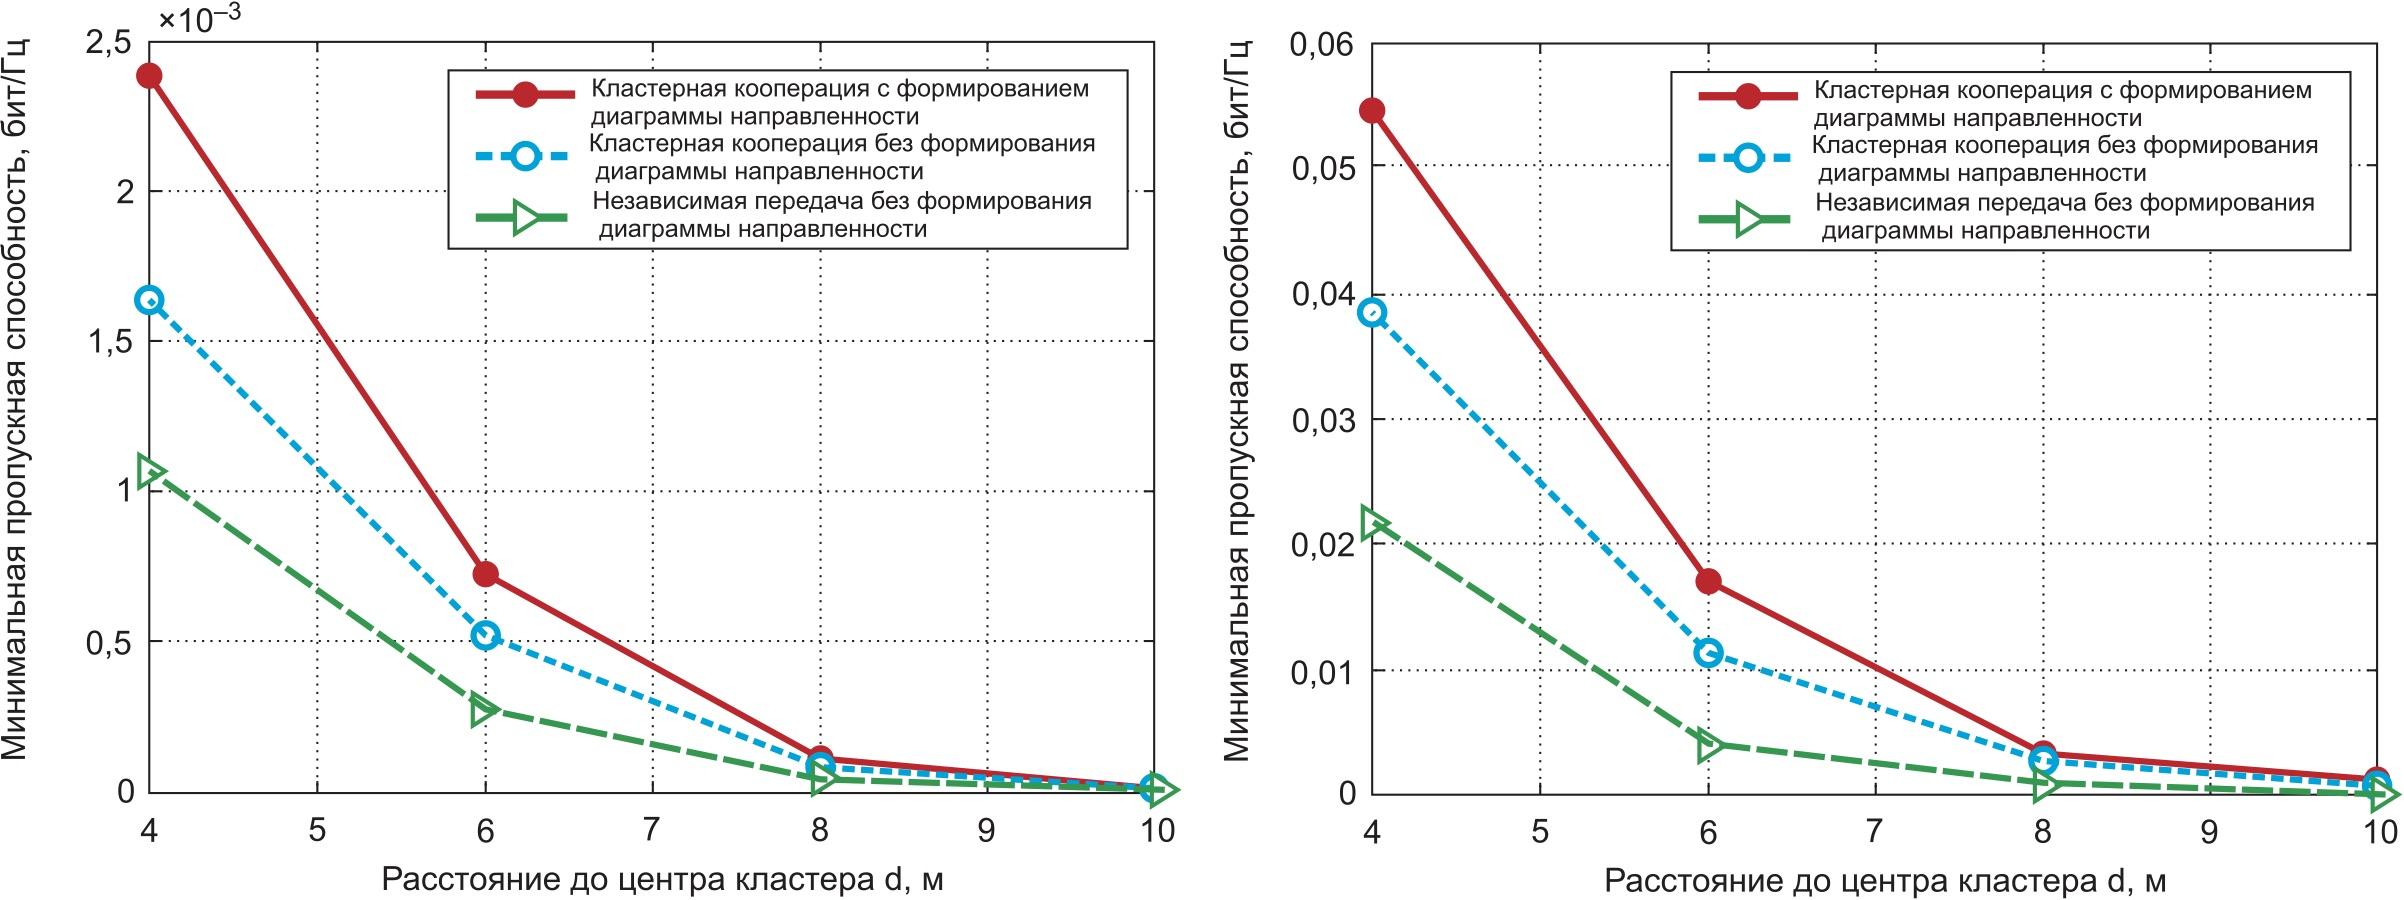 Сравнение производительности по пропускной способности различных решений передачи данных при r = 3 и переменном расстоянии d от кластера к H-AP